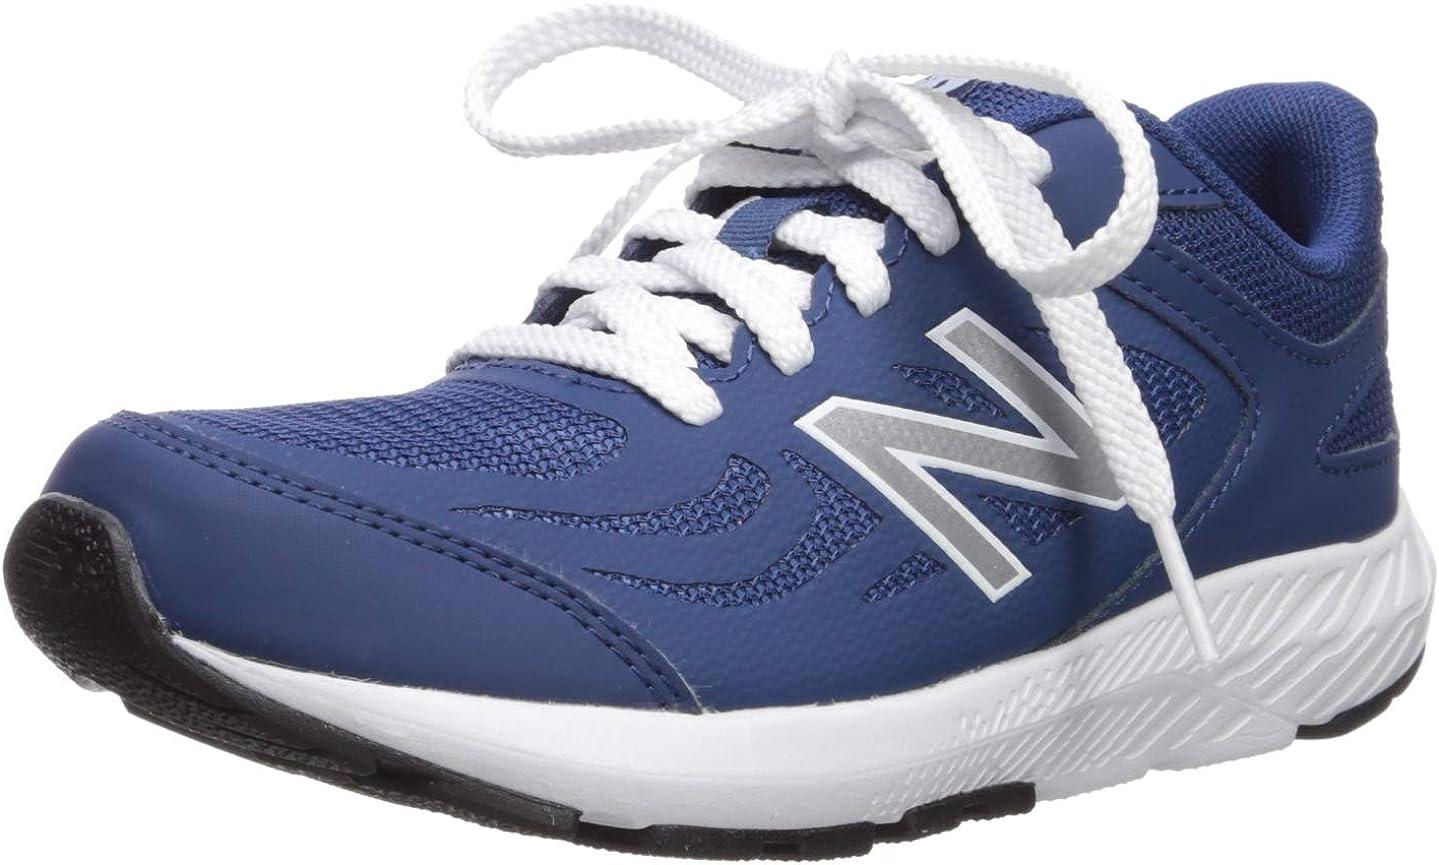 New Balance オープニング 大放出セール Unisex-Child 519 人気上昇中 Shoe V1 Running